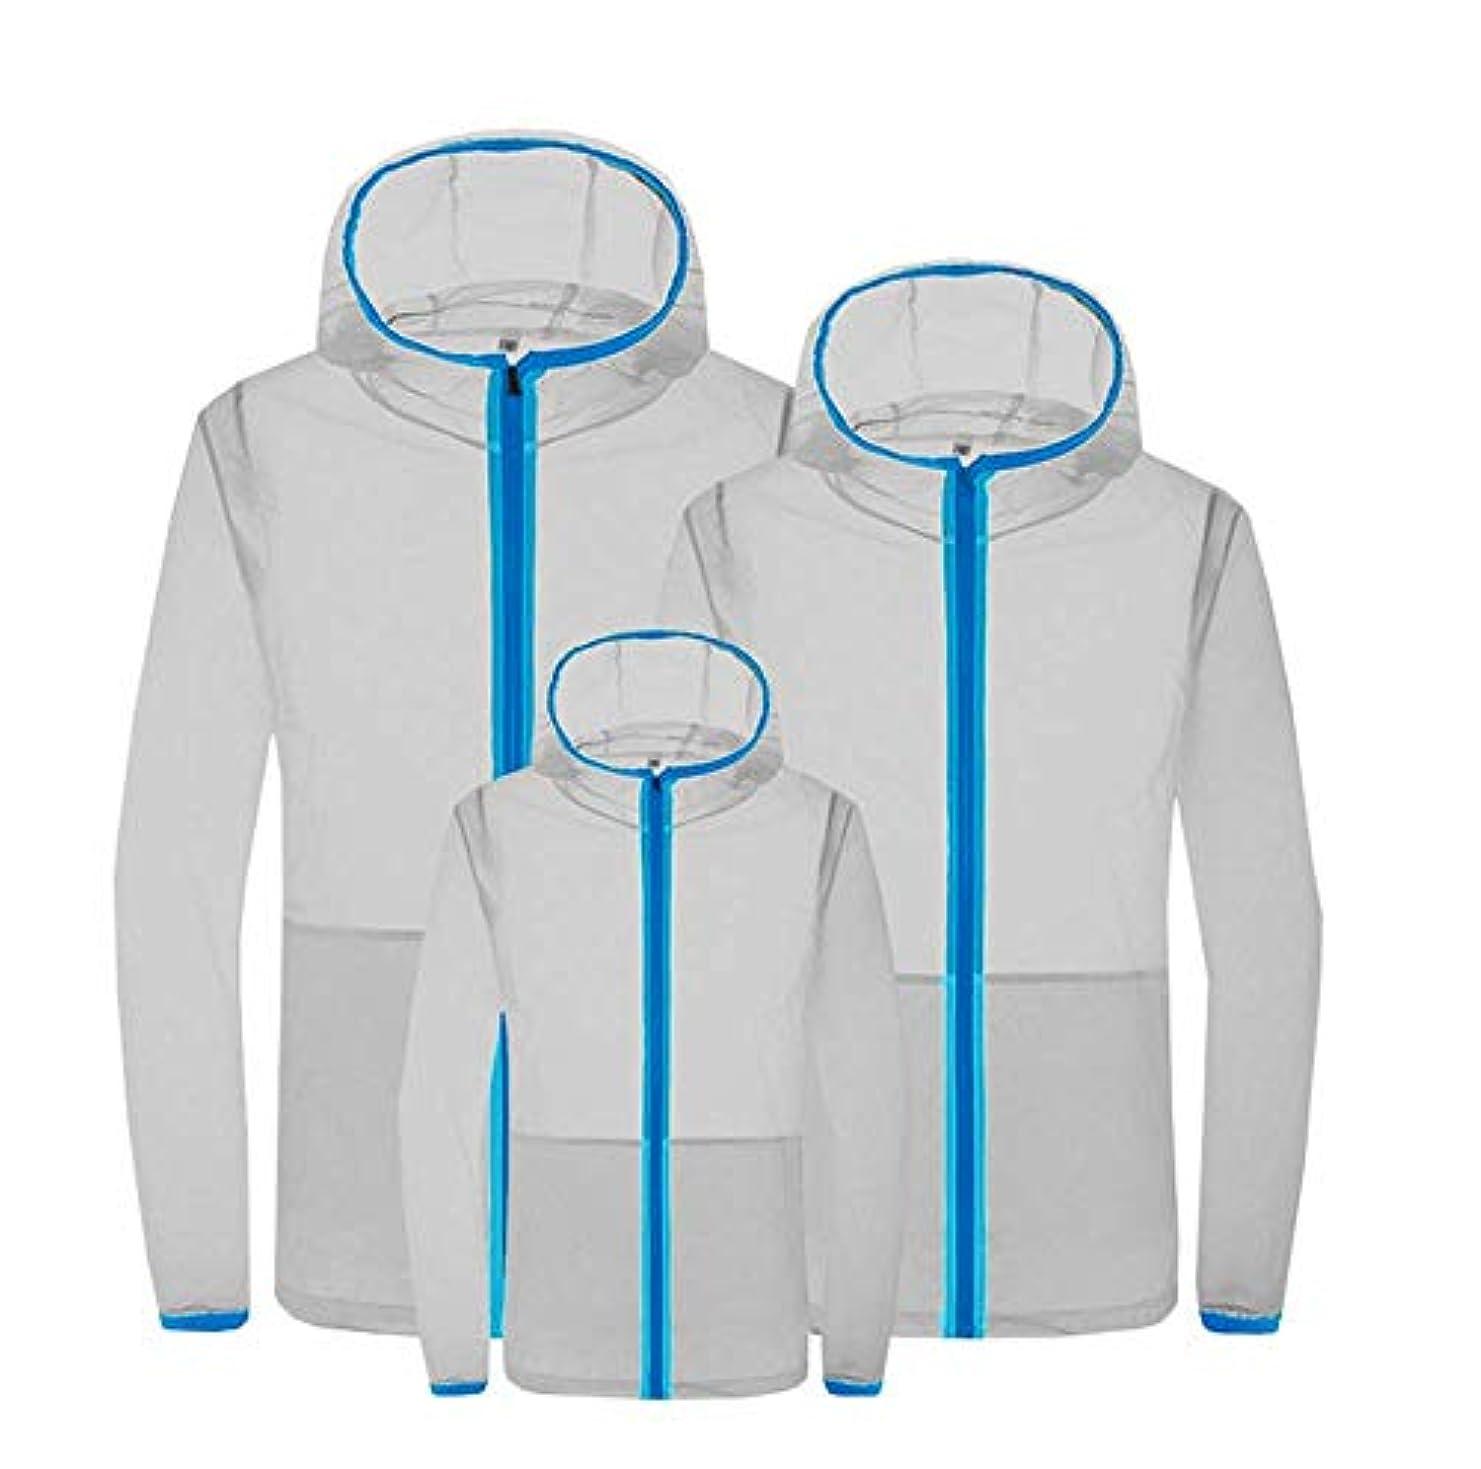 夏のエアコンスーツスマート3速冷却スーツ日焼け防止服防滴防蚊服ファン冷却肌の服,Gray,S